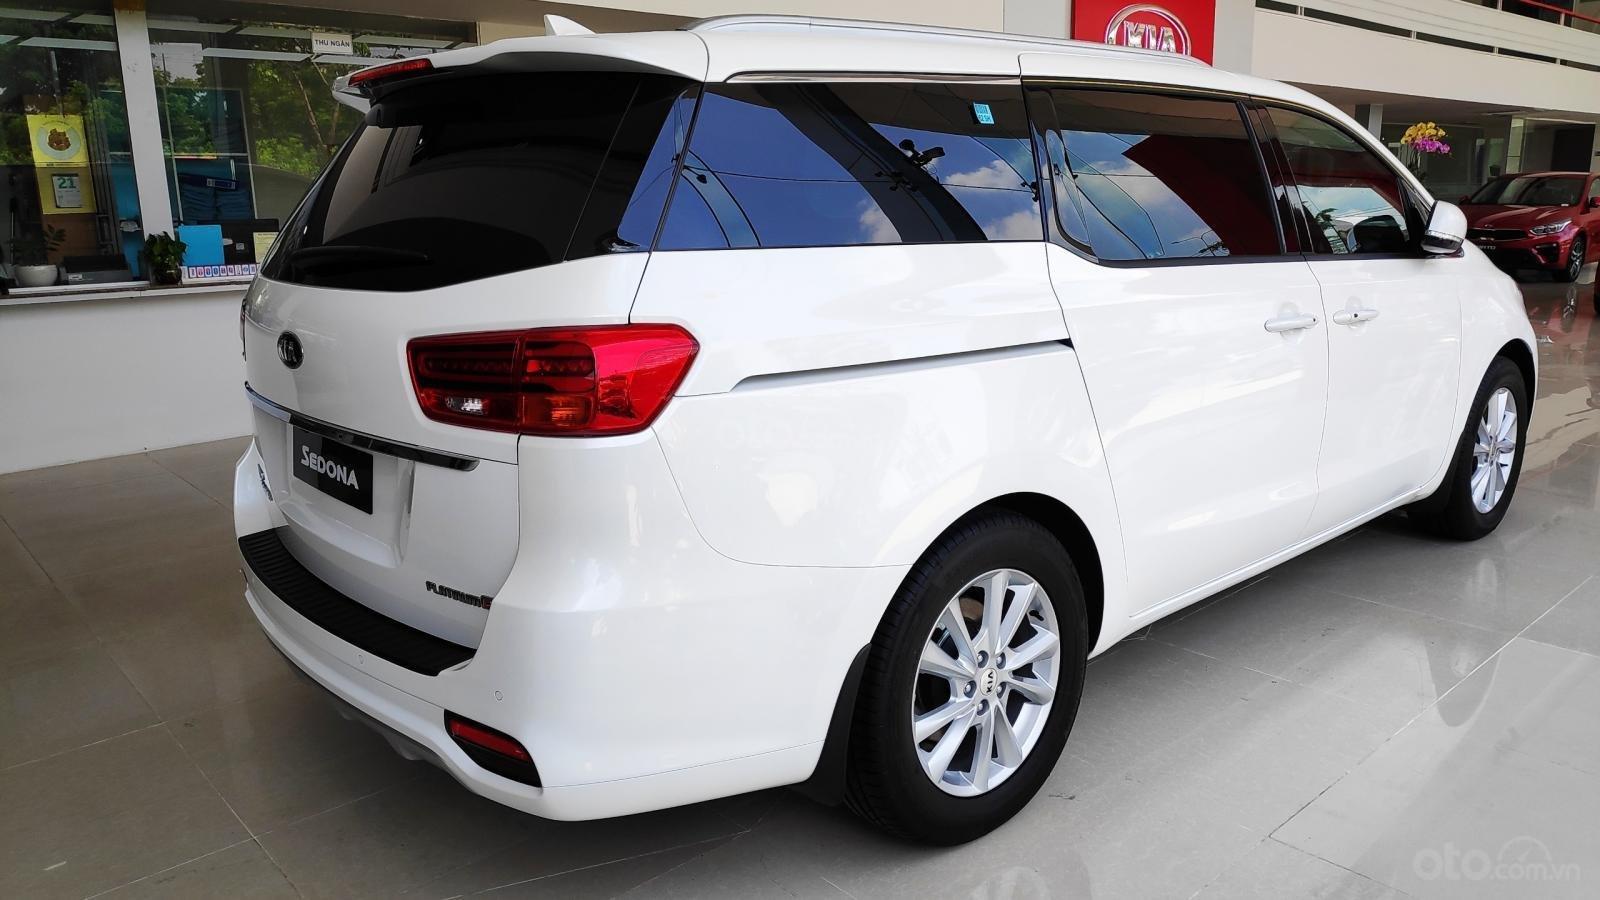 Kia Sedona Luxury - Giảm giá tiền mặt + Tặng bảo hiểm thân vỏ + Tặng camera - Liên hệ PKD Kia Thảo Điền 0961.563.593 (6)